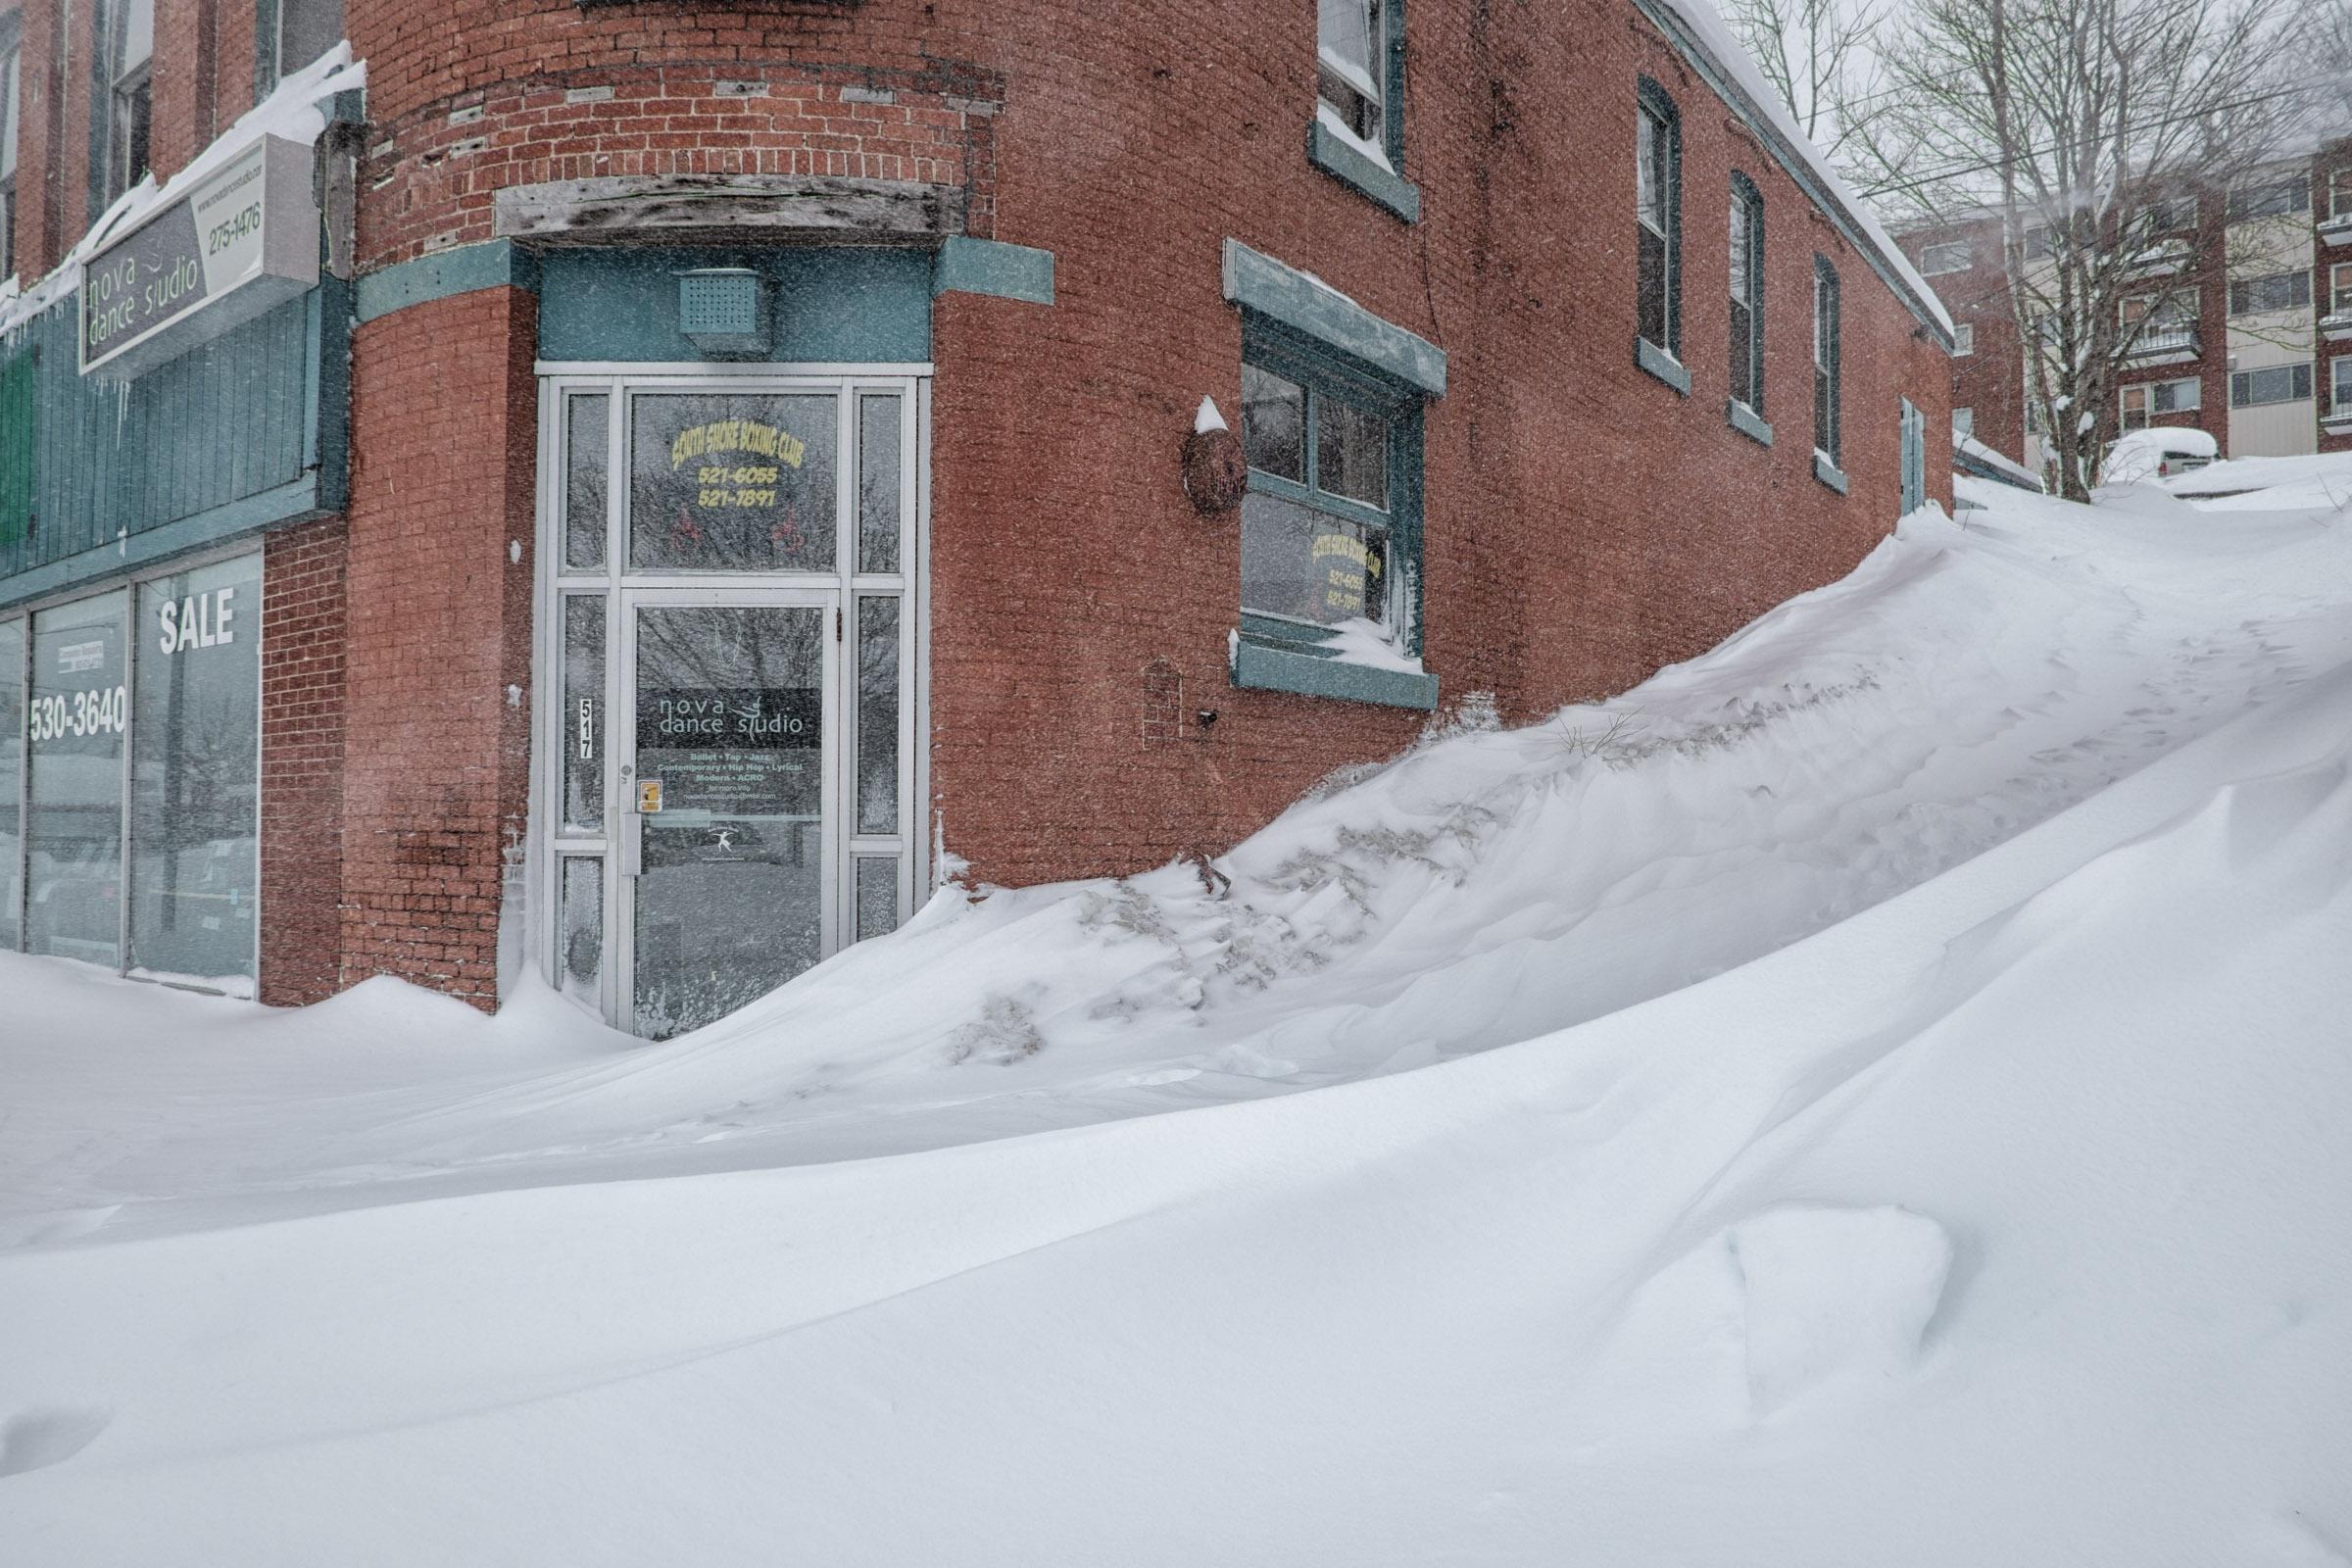 Bridgewater Snow